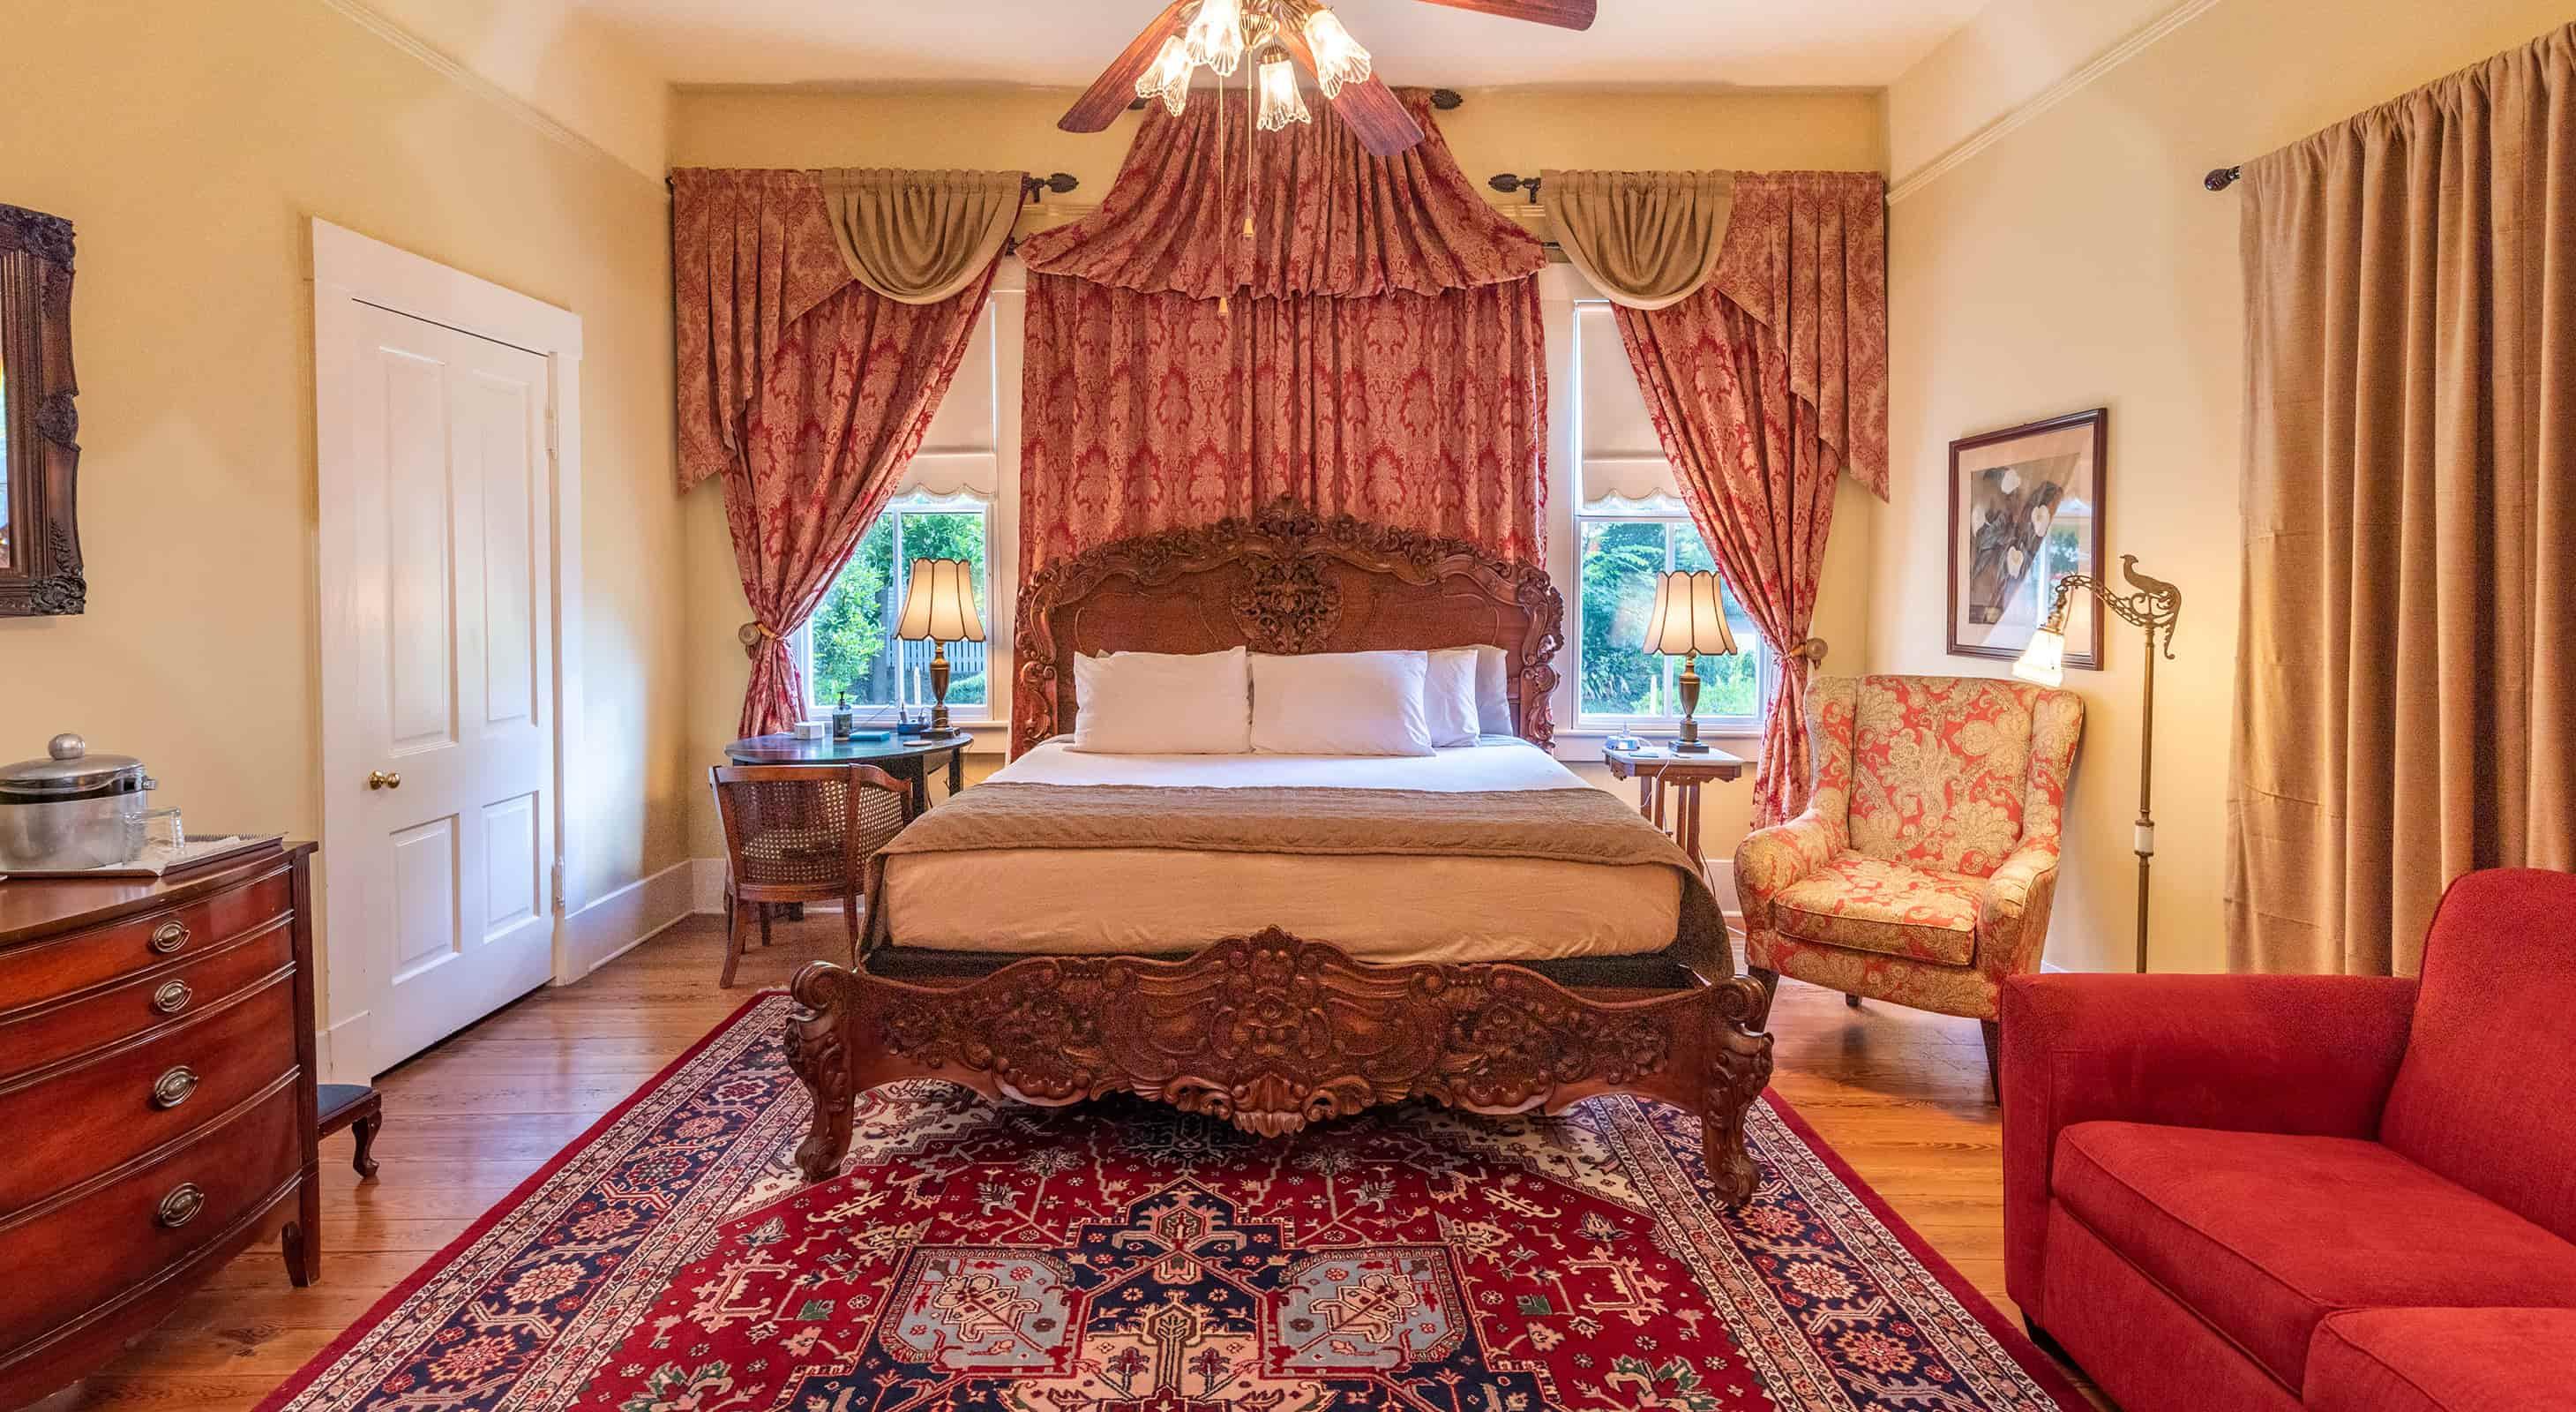 Elmo Room at our Mississippi Luxury Inn